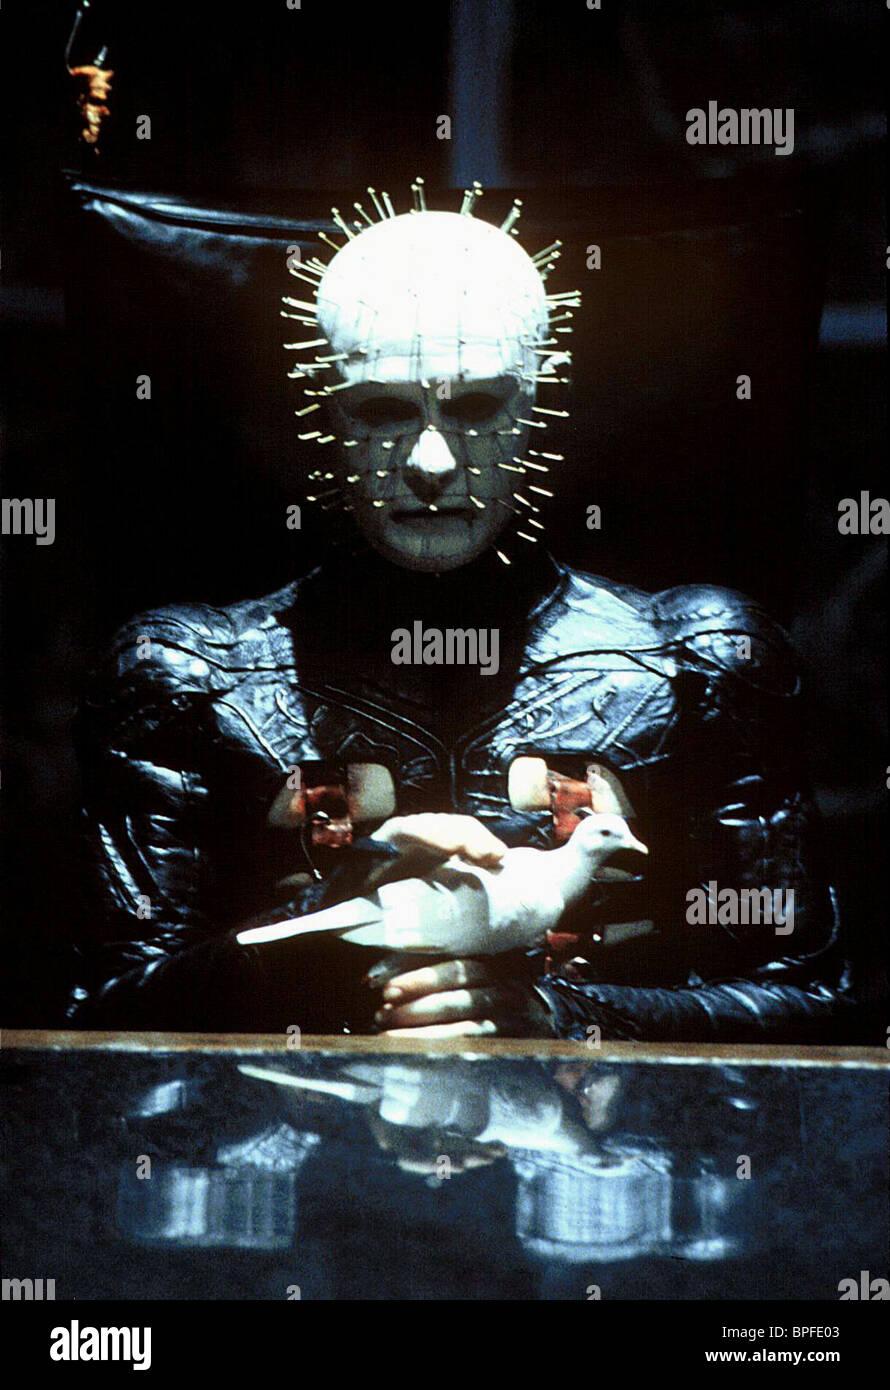 DOUG BRADLEY HELLRAISER IV: BLOODLINE (1996) - Stock Image